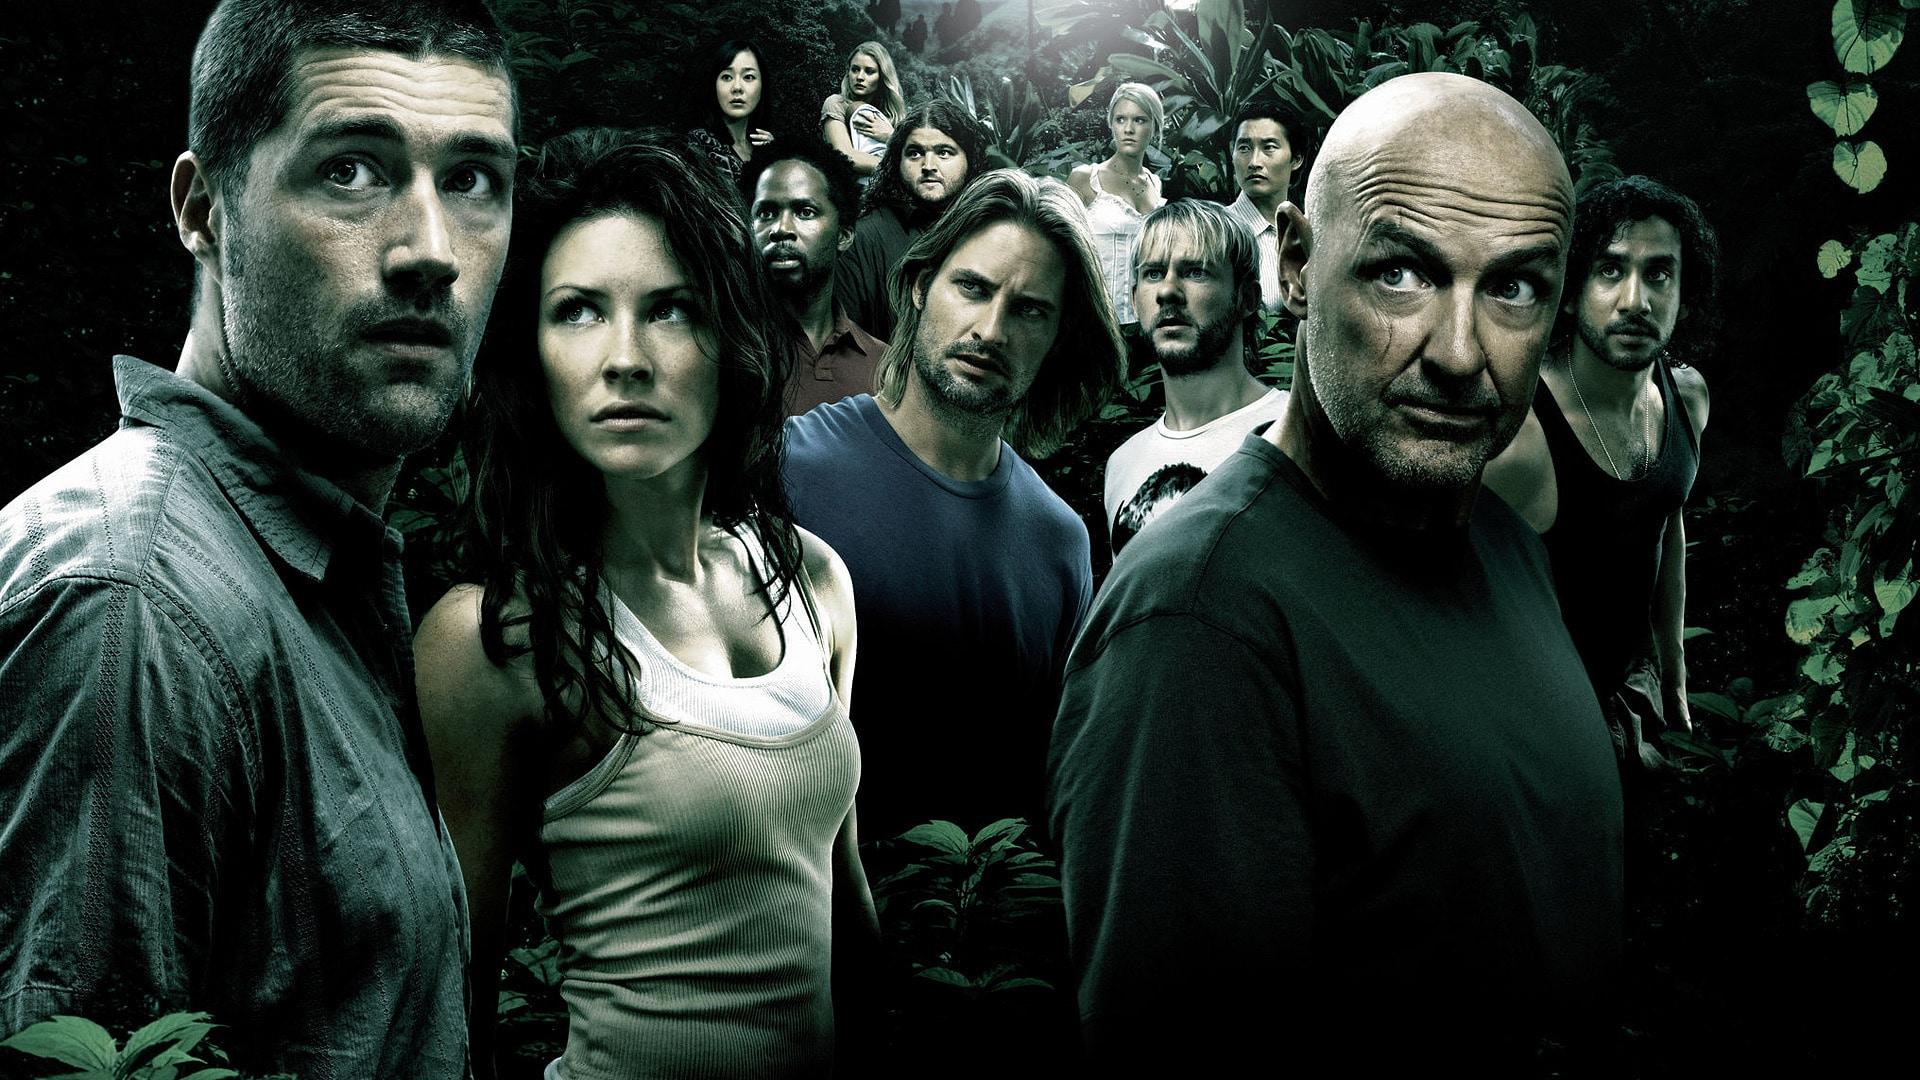 lost tv show - نظر نویسنده «LOST» درباره ایده بازگشت احتمالی سریال به تلویزیون